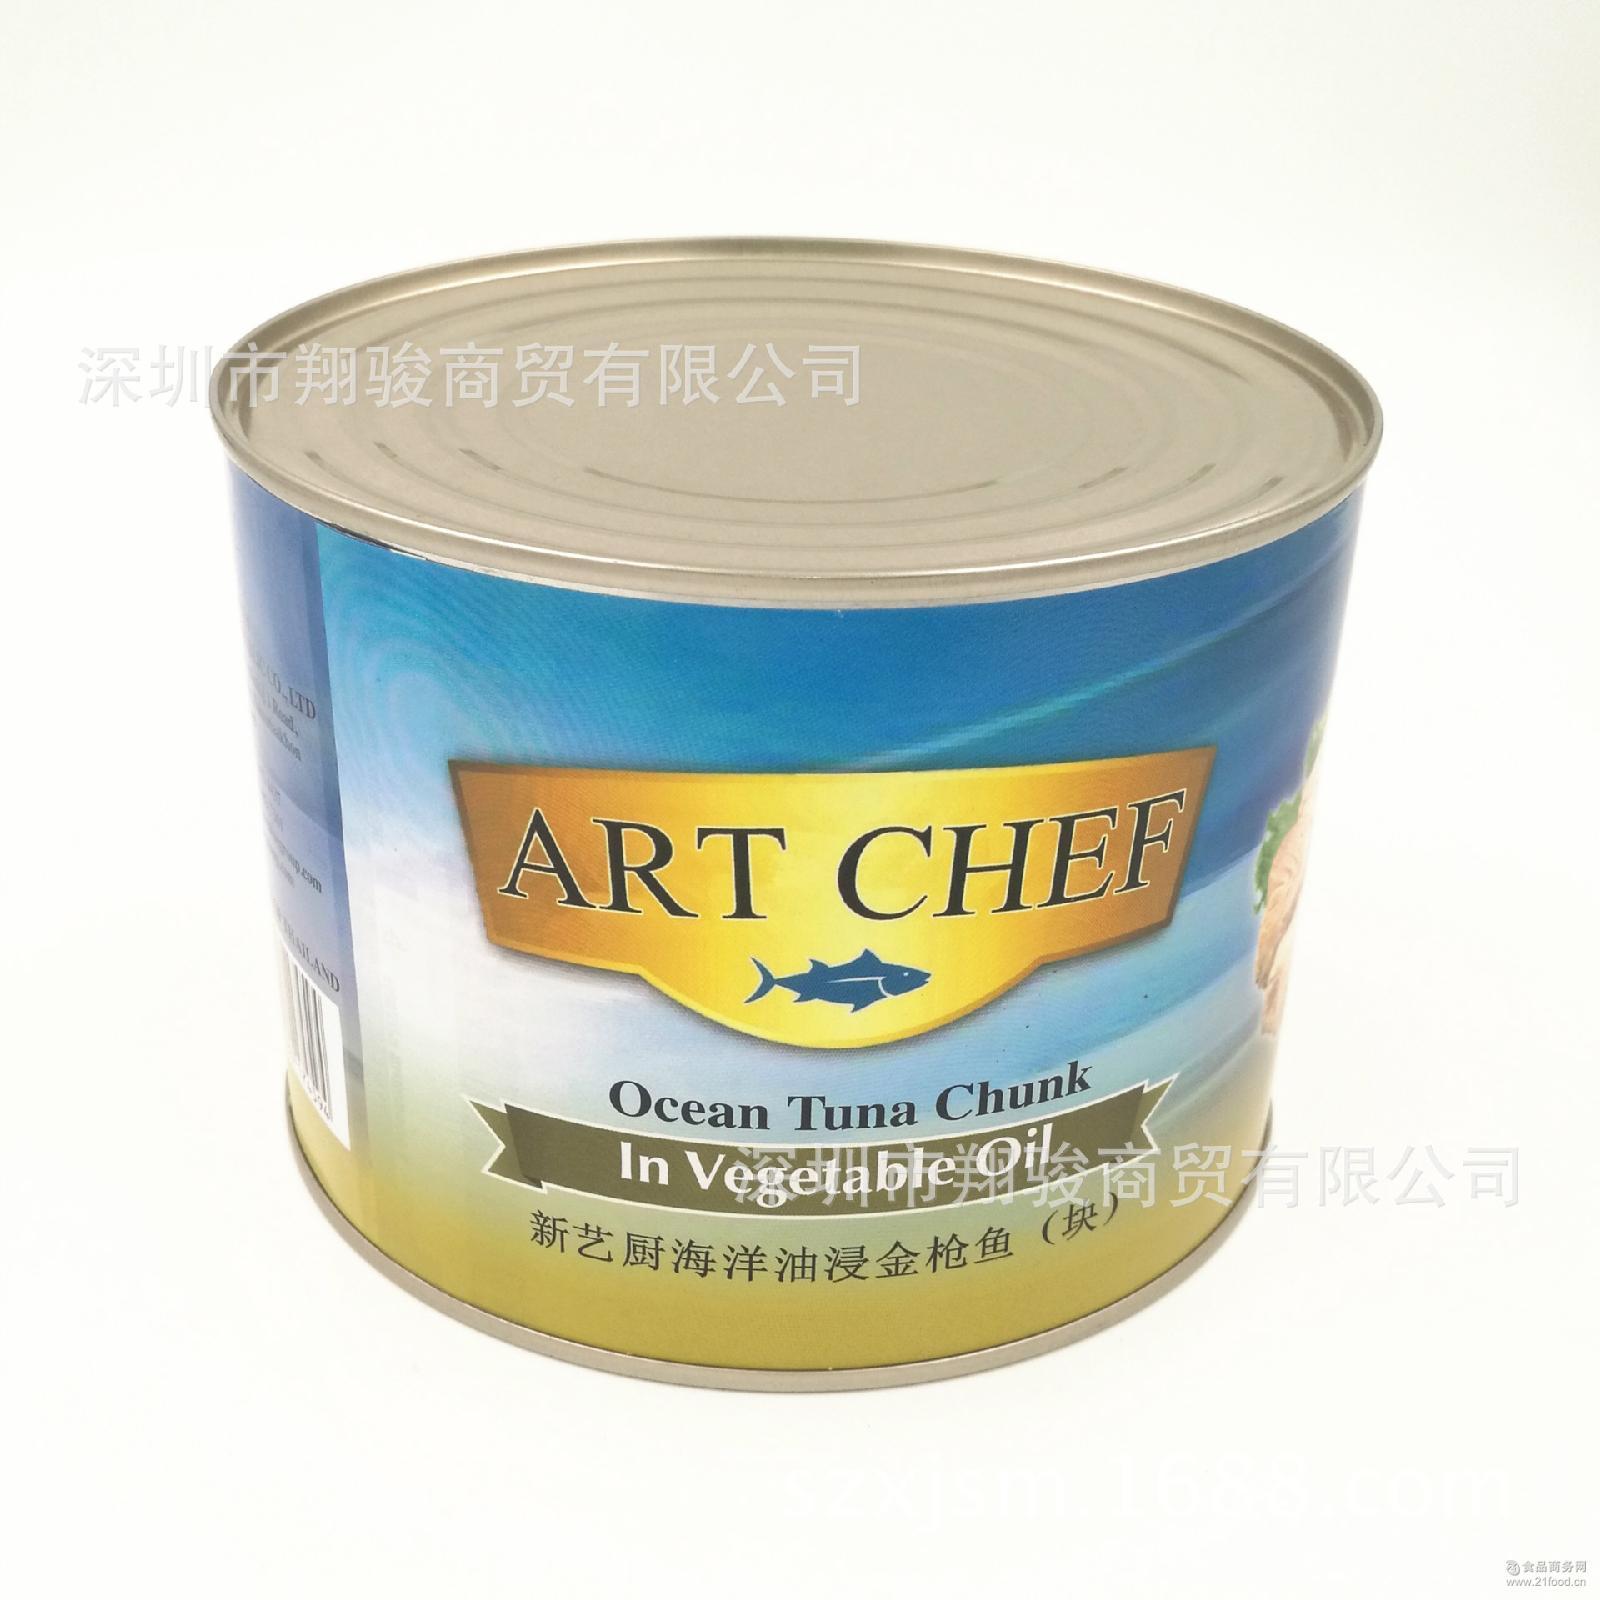 进口罐头 大吞拿鱼1850克 厨房午餐肉 新艺厨海洋牌金枪鱼罐头